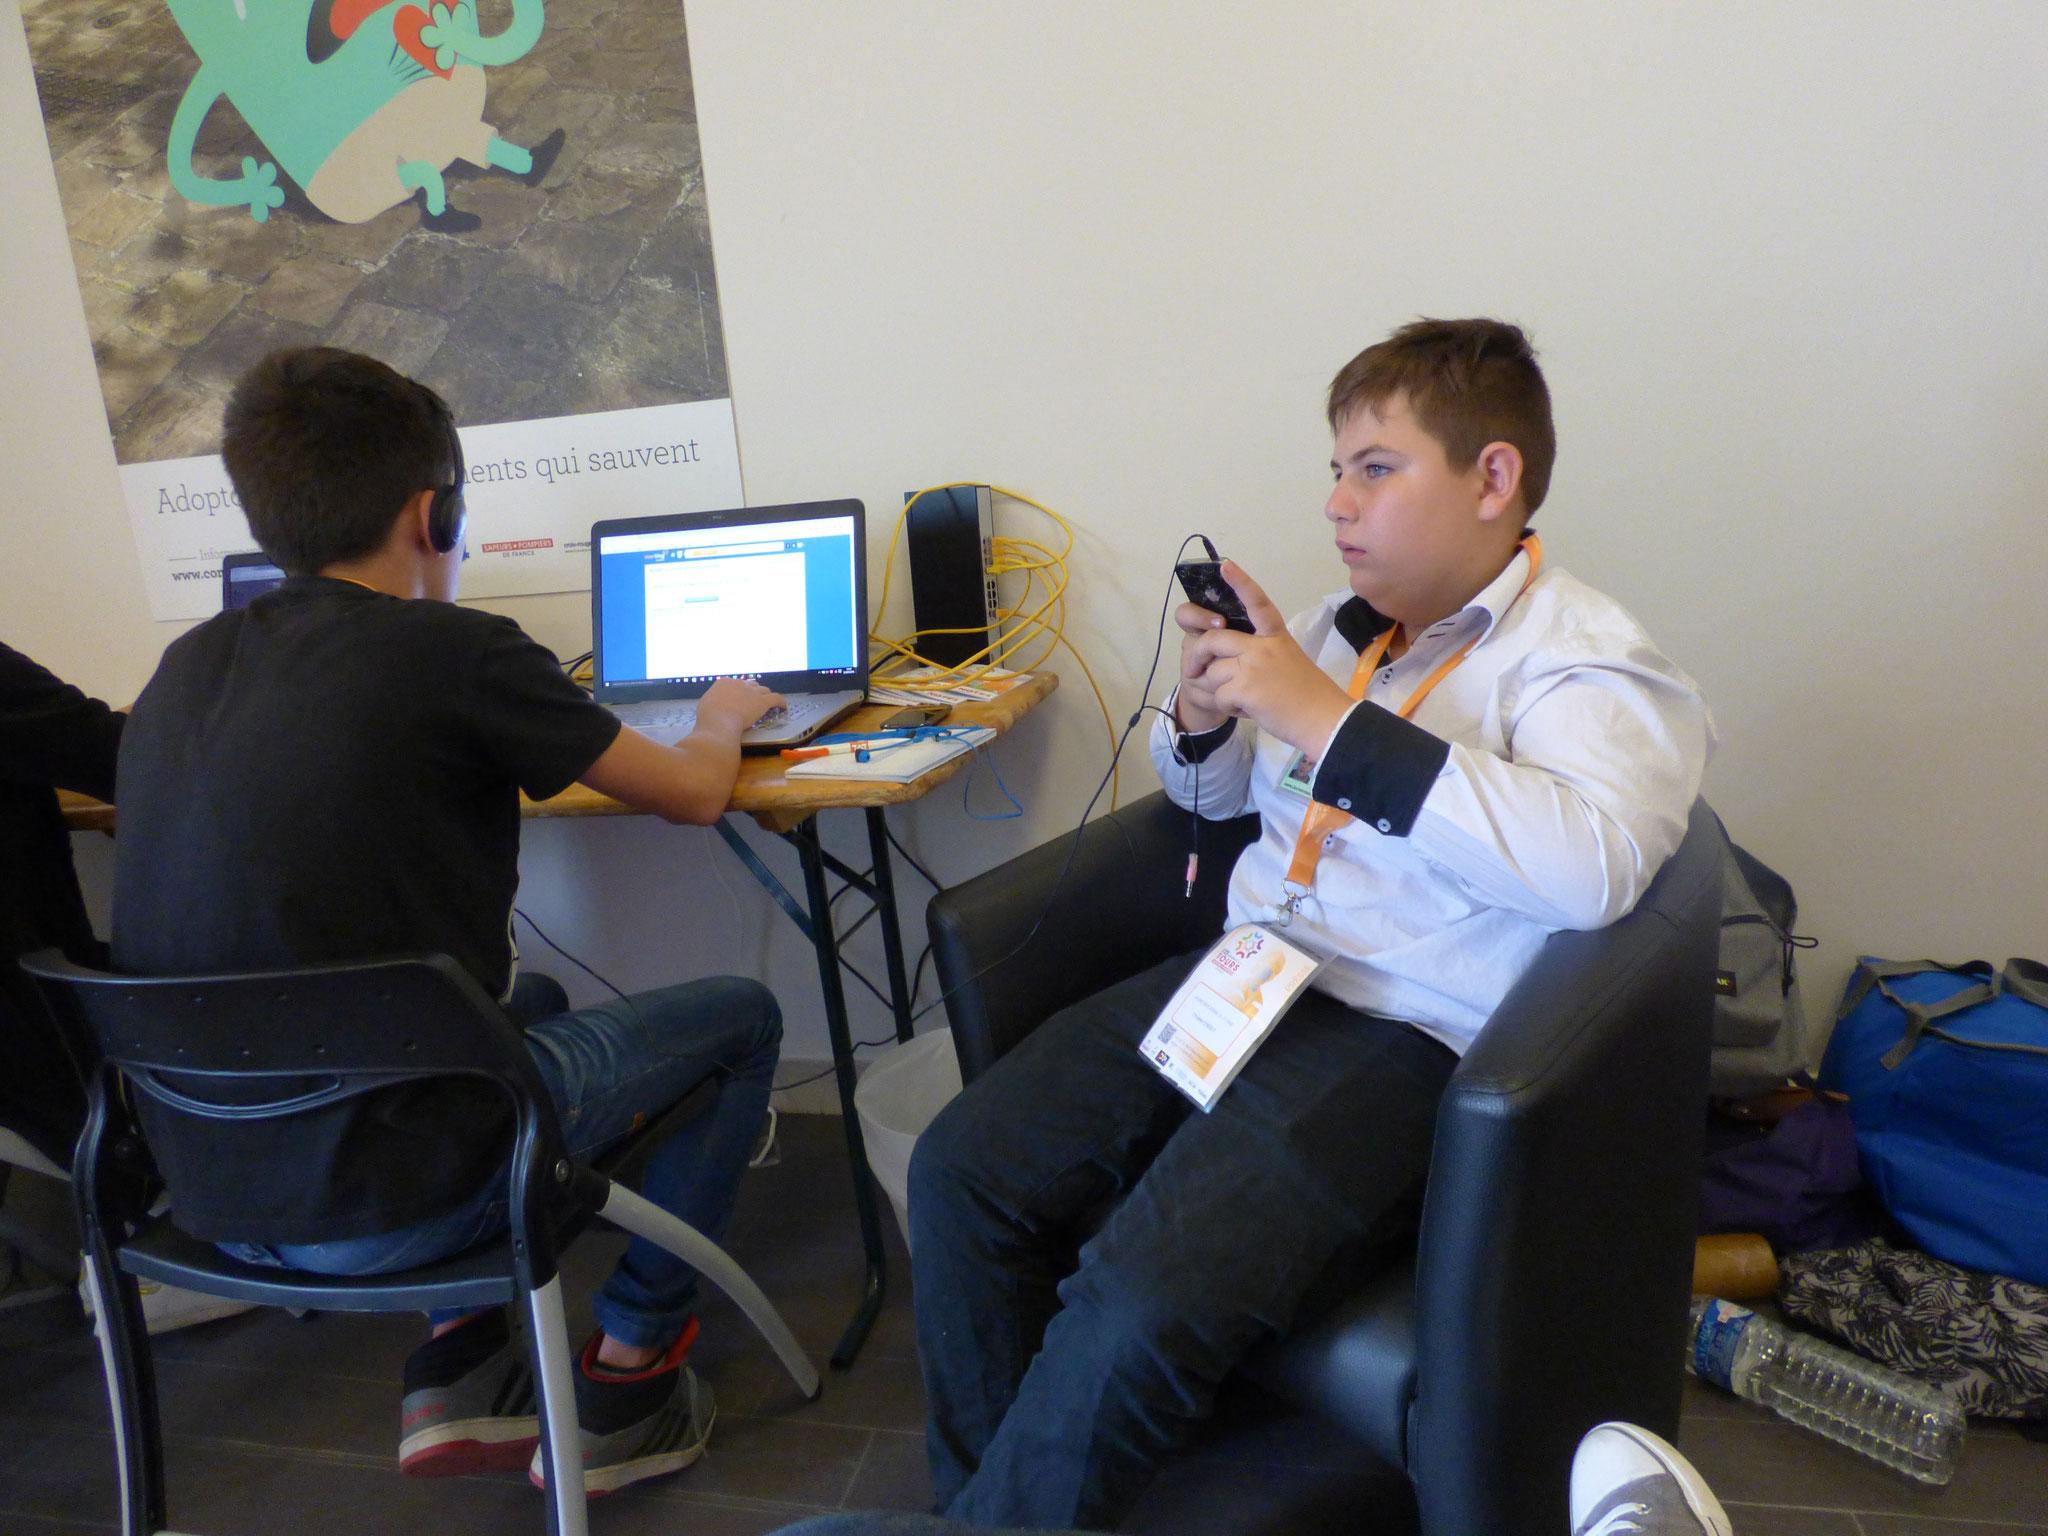 Les élèves écrivent en live leurs articles